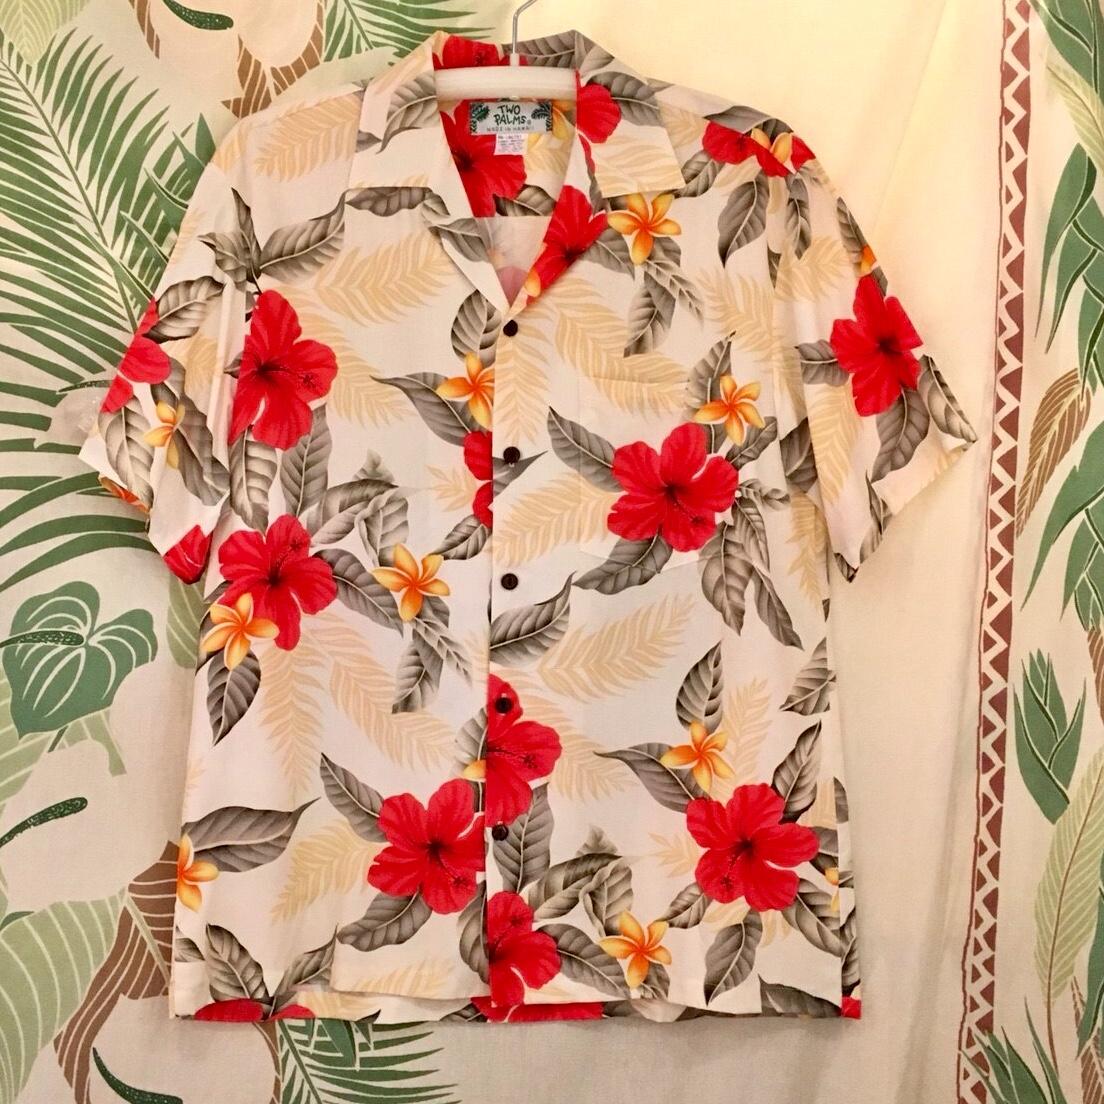 Mensアロハシャツ /ハイビスカスクリームMサイズ